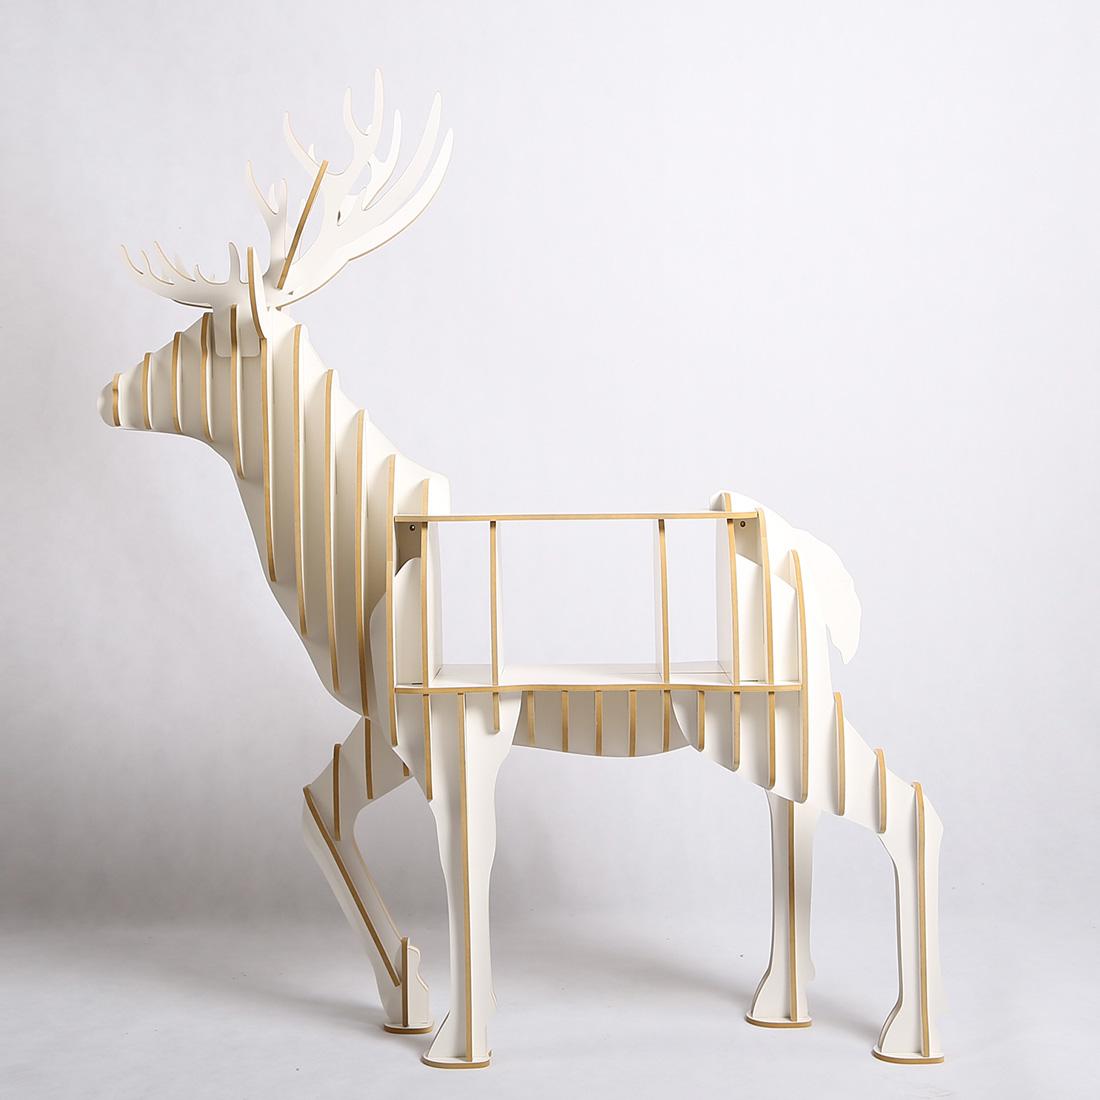 assembler un meuble assemblage bois par cheville bois youtube la salle de bain avant apr s. Black Bedroom Furniture Sets. Home Design Ideas